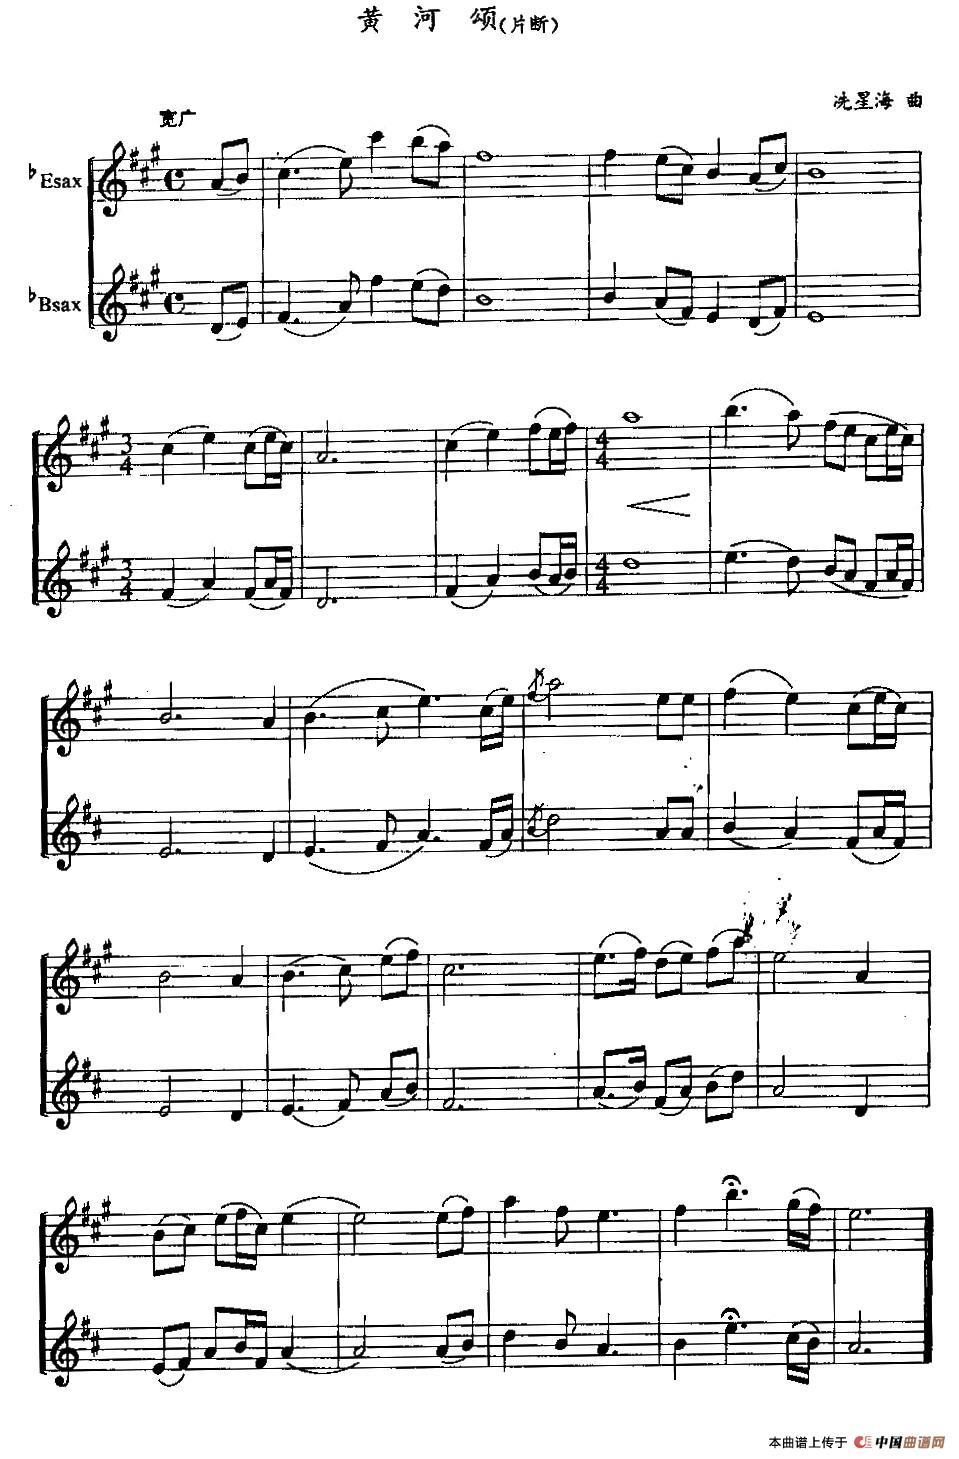 黄河颂萨克斯谱 片段 二重奏 器乐乐谱 中国曲谱网图片